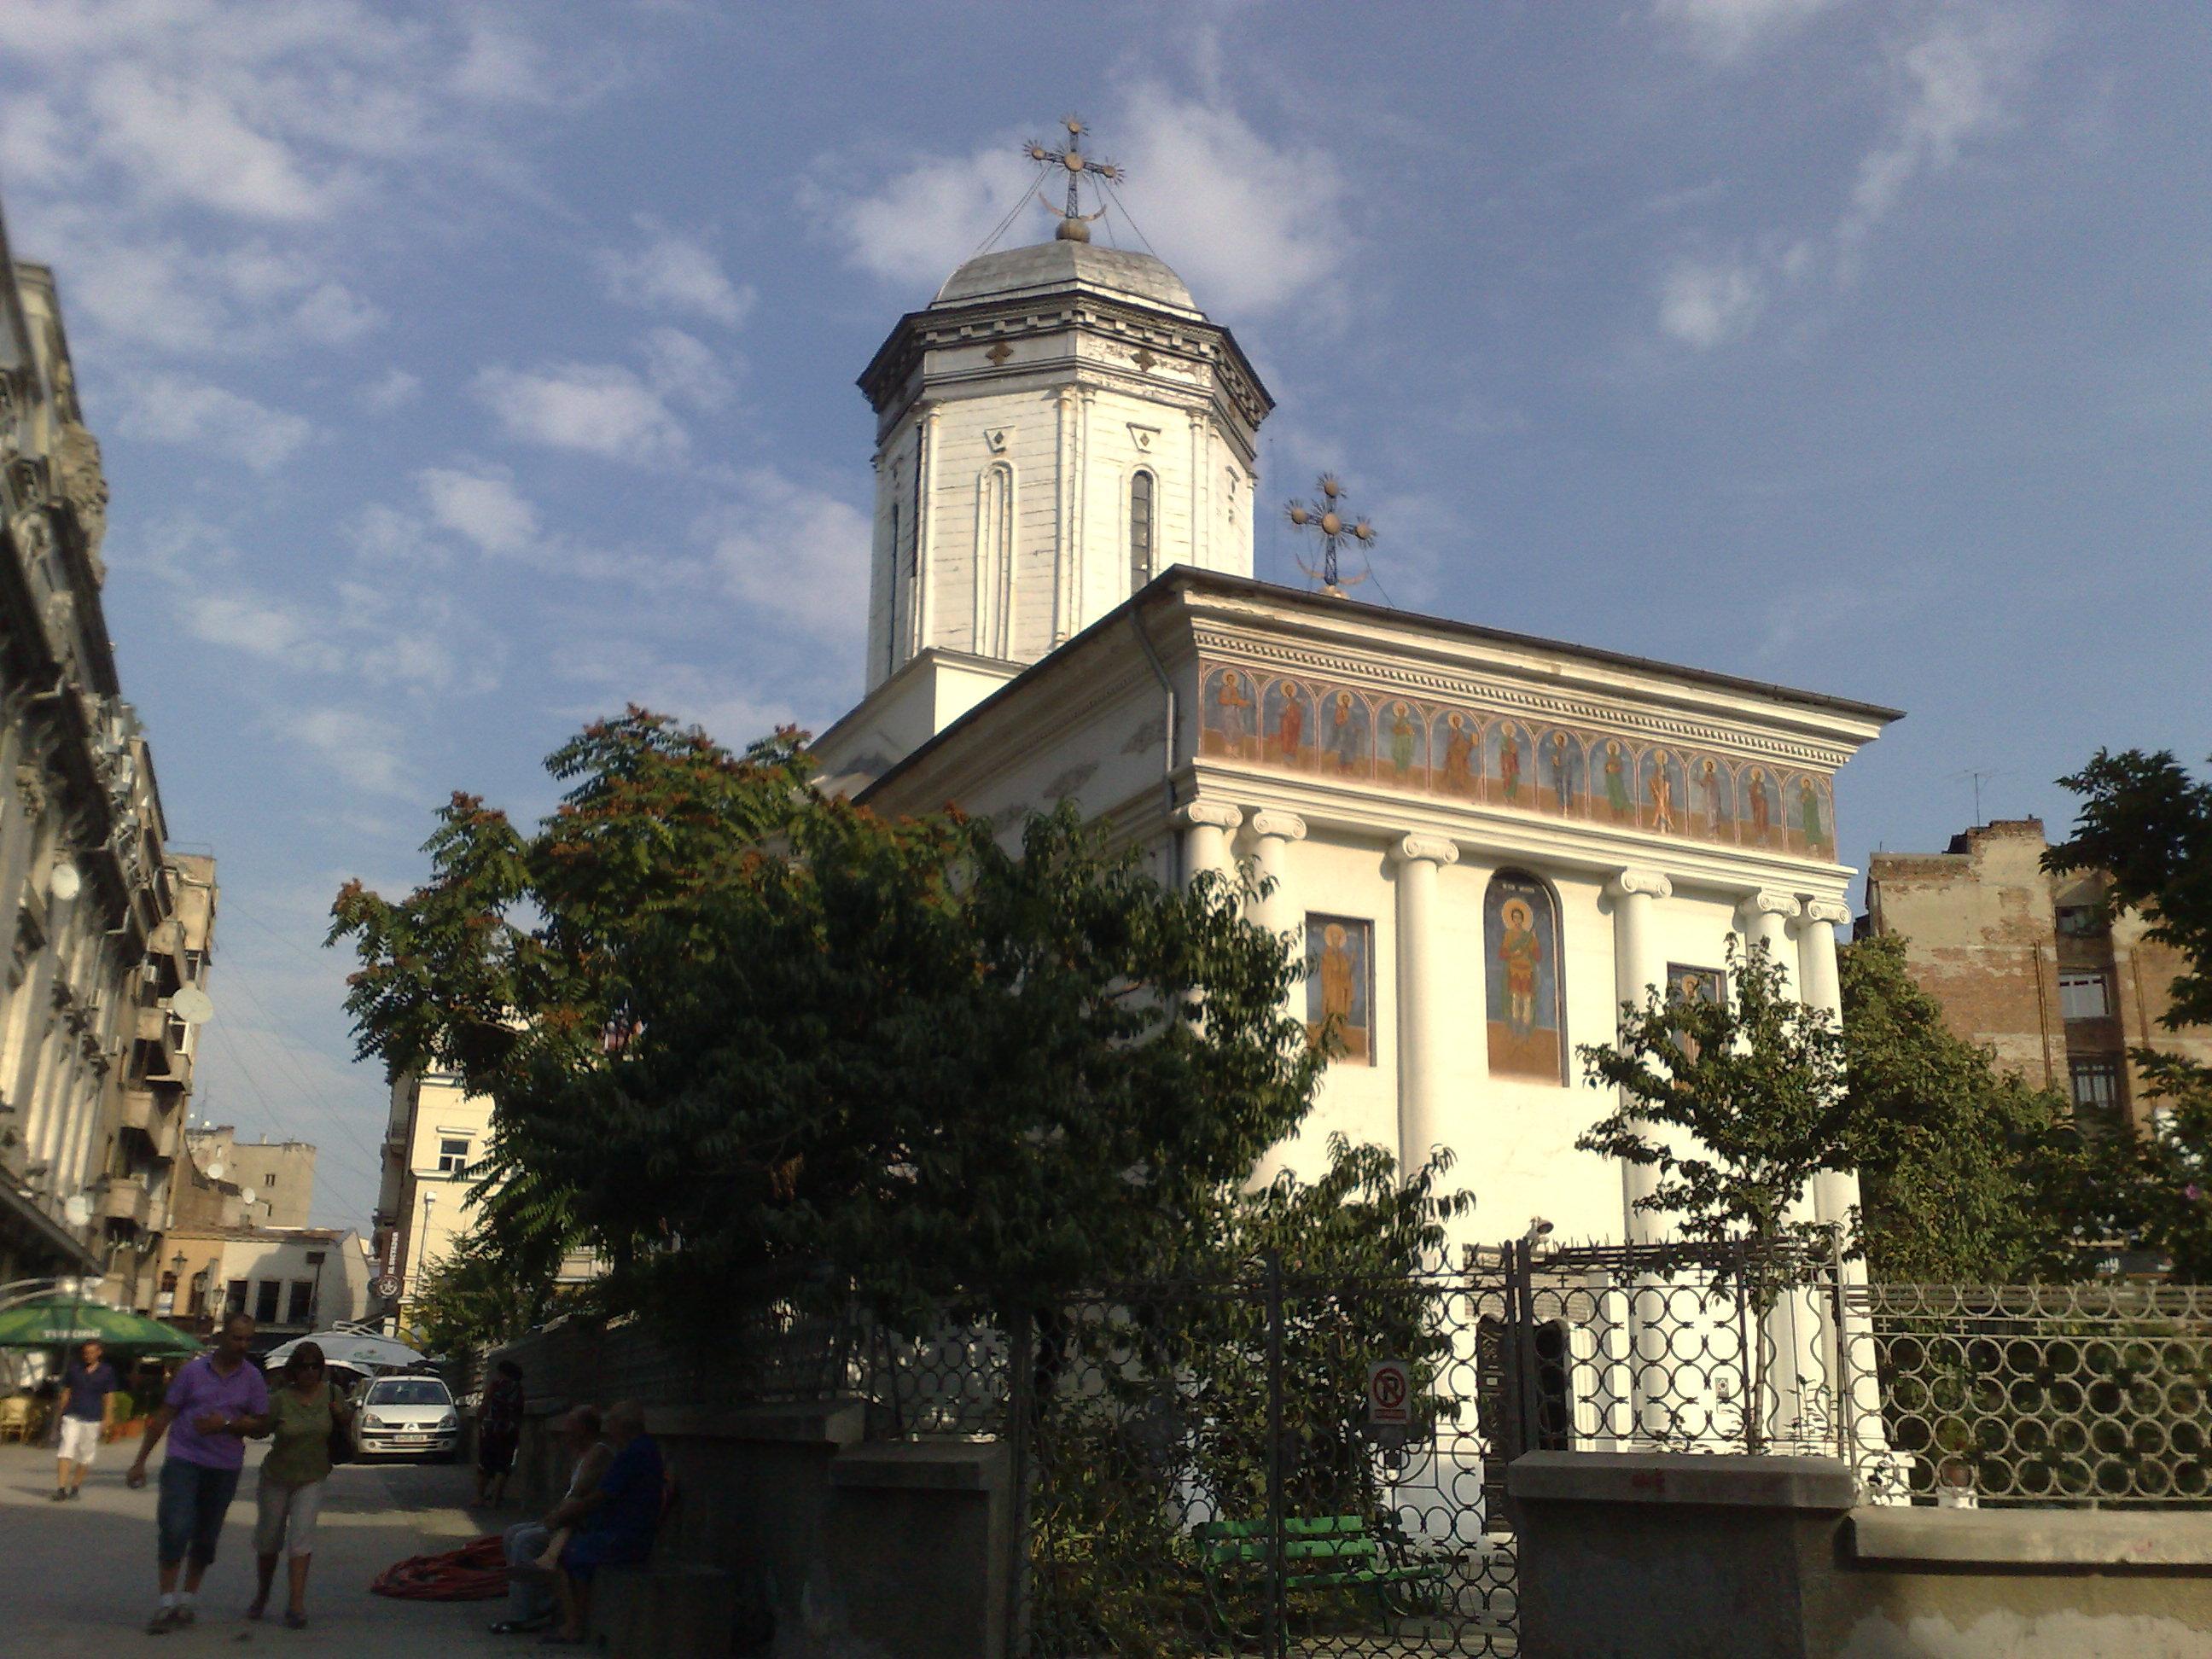 Biserica Sfantul Dumitru Poștă Wikipedia